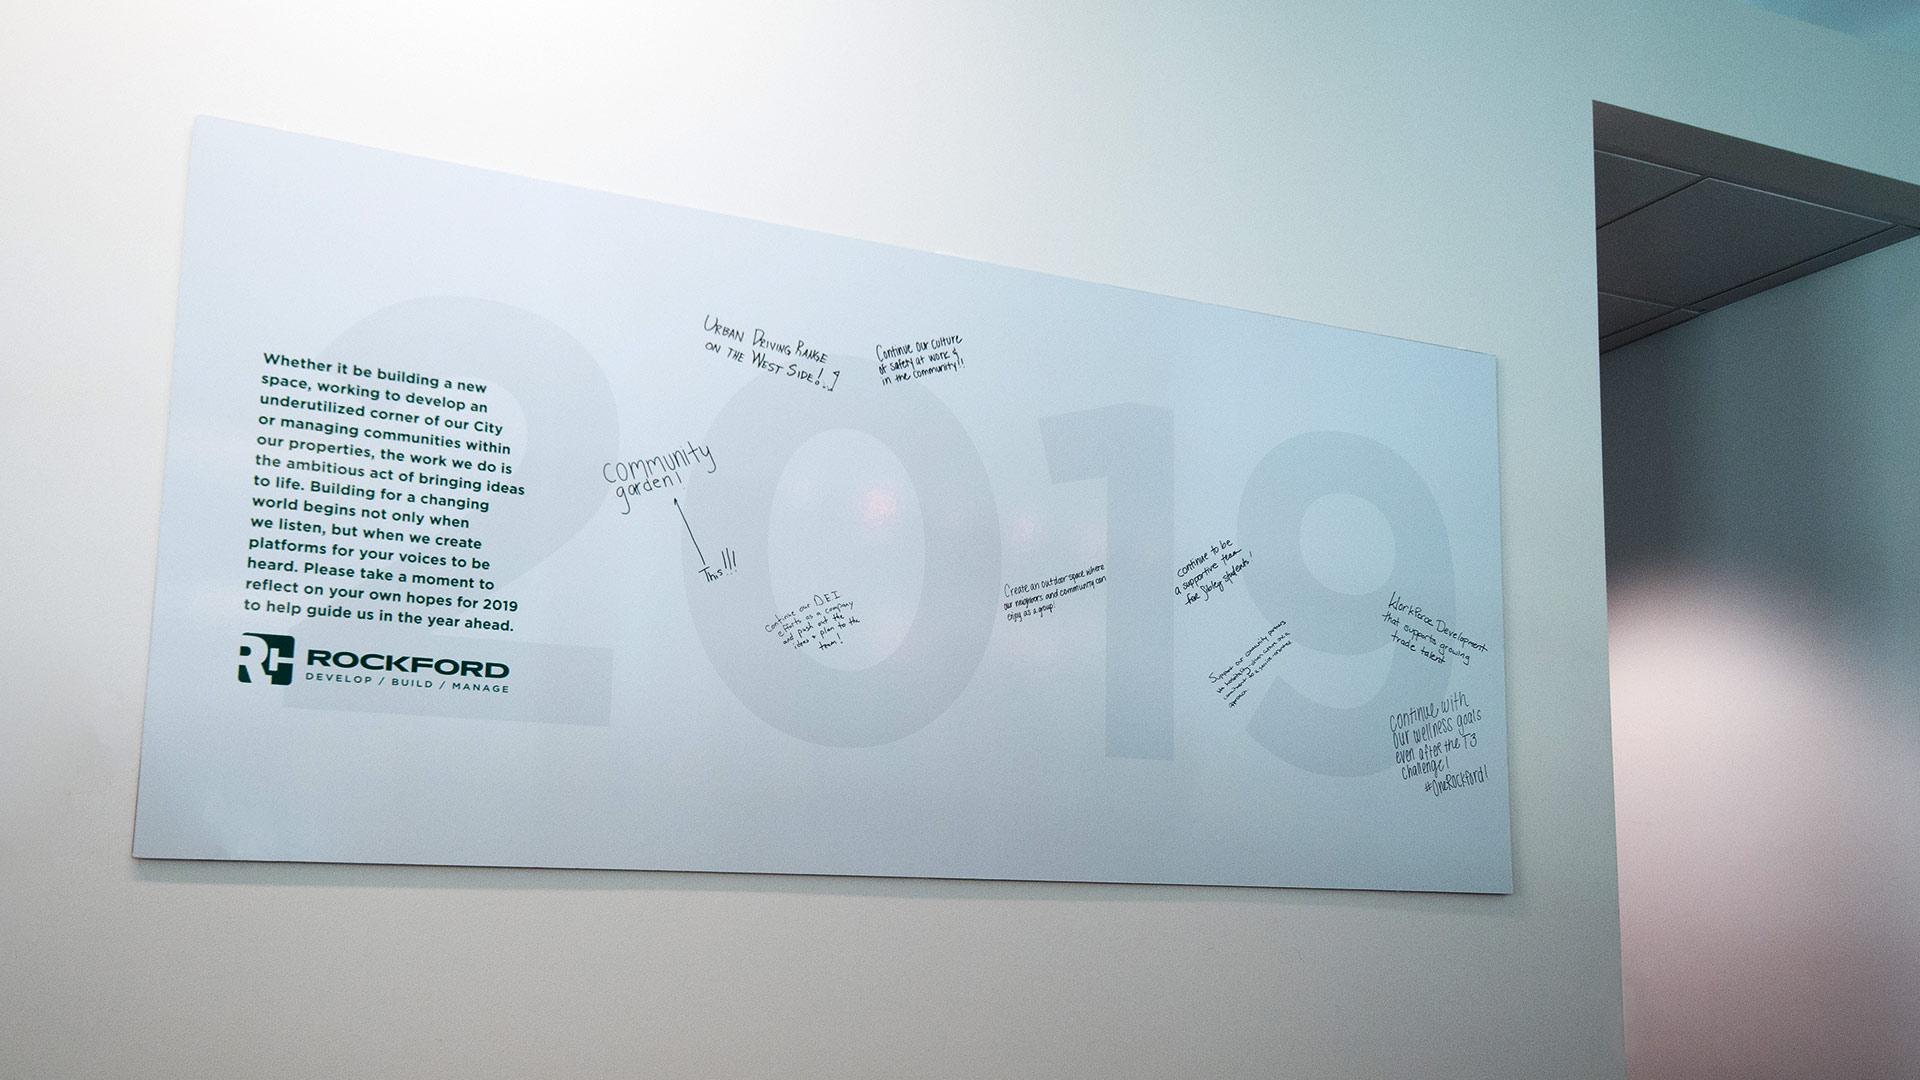 Rockford Construction - Community Banner